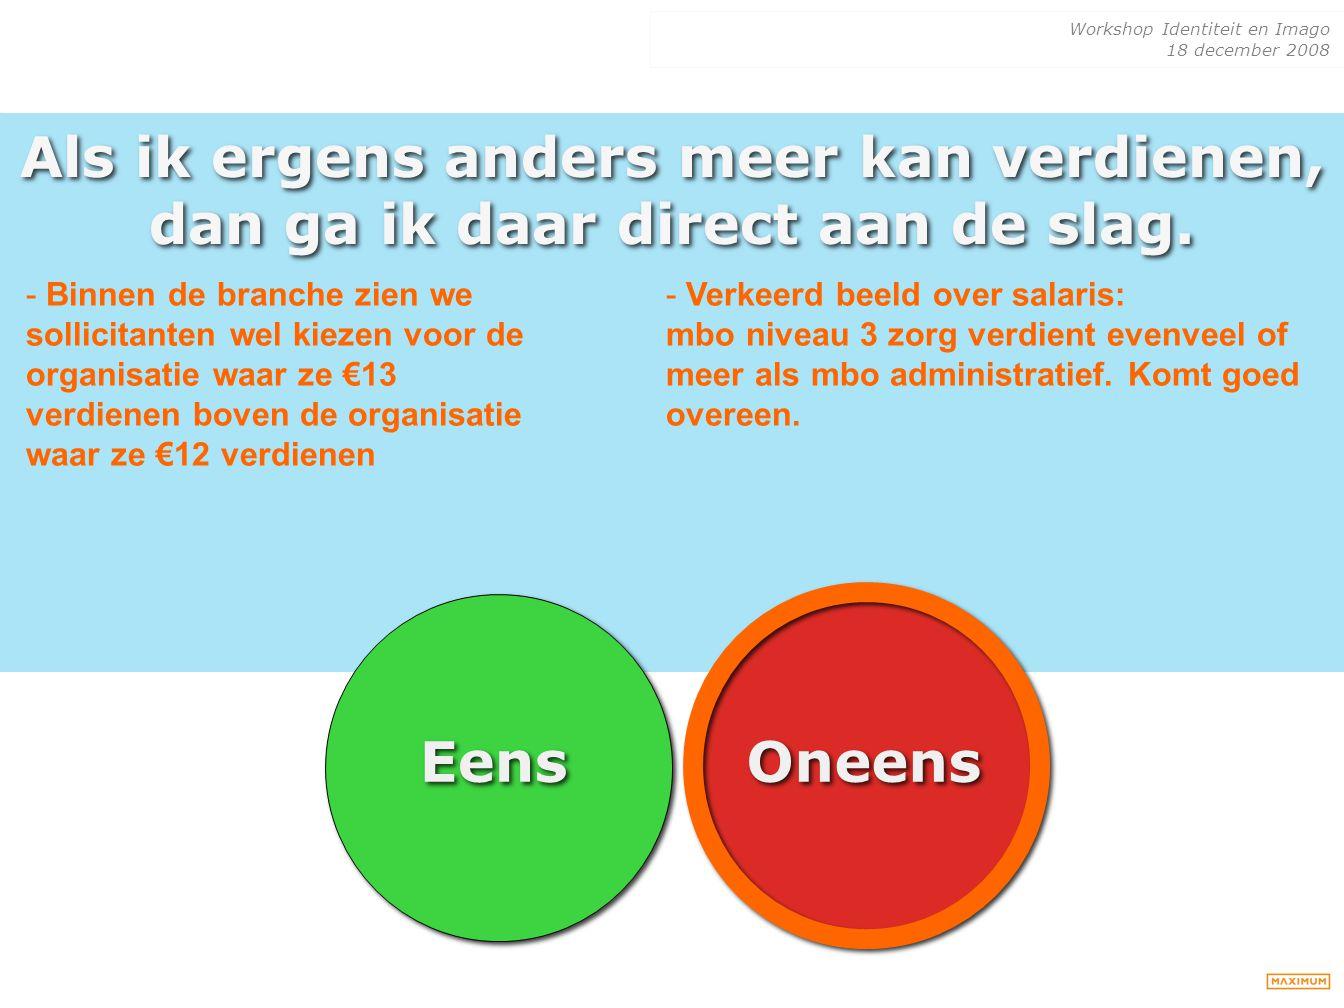 Workshop Identiteit en Imago 18 december 2008 Als ik ergens anders meer kan verdienen, dan ga ik daar direct aan de slag. Eens Oneens - Binnen de bran